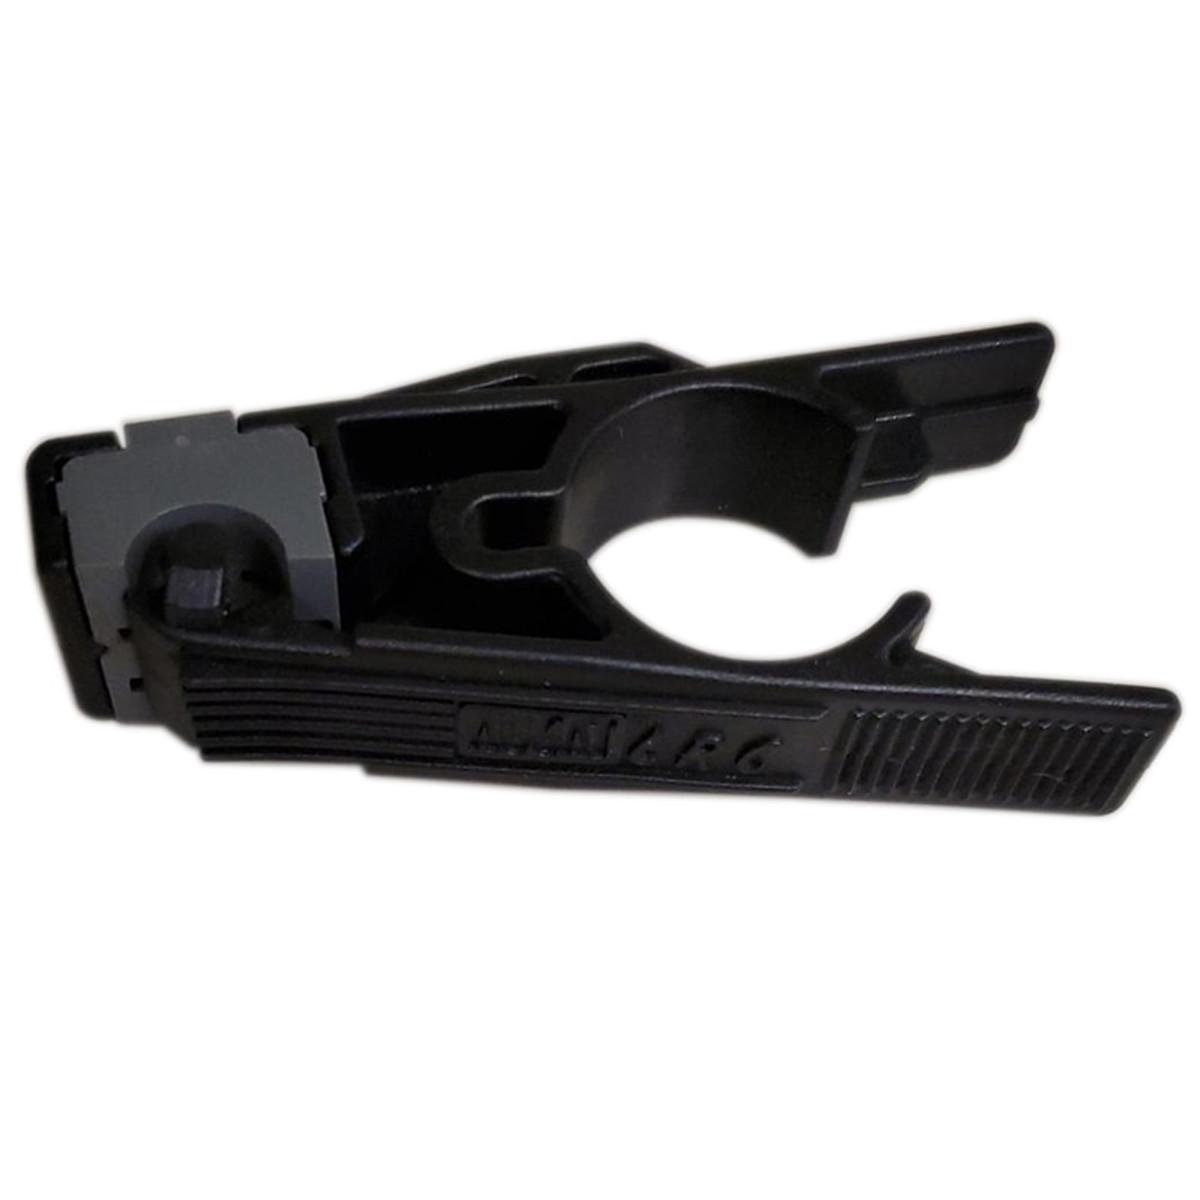 weBoost (Wilson) 992202 RG-11 Cable Prep Stripper Tool